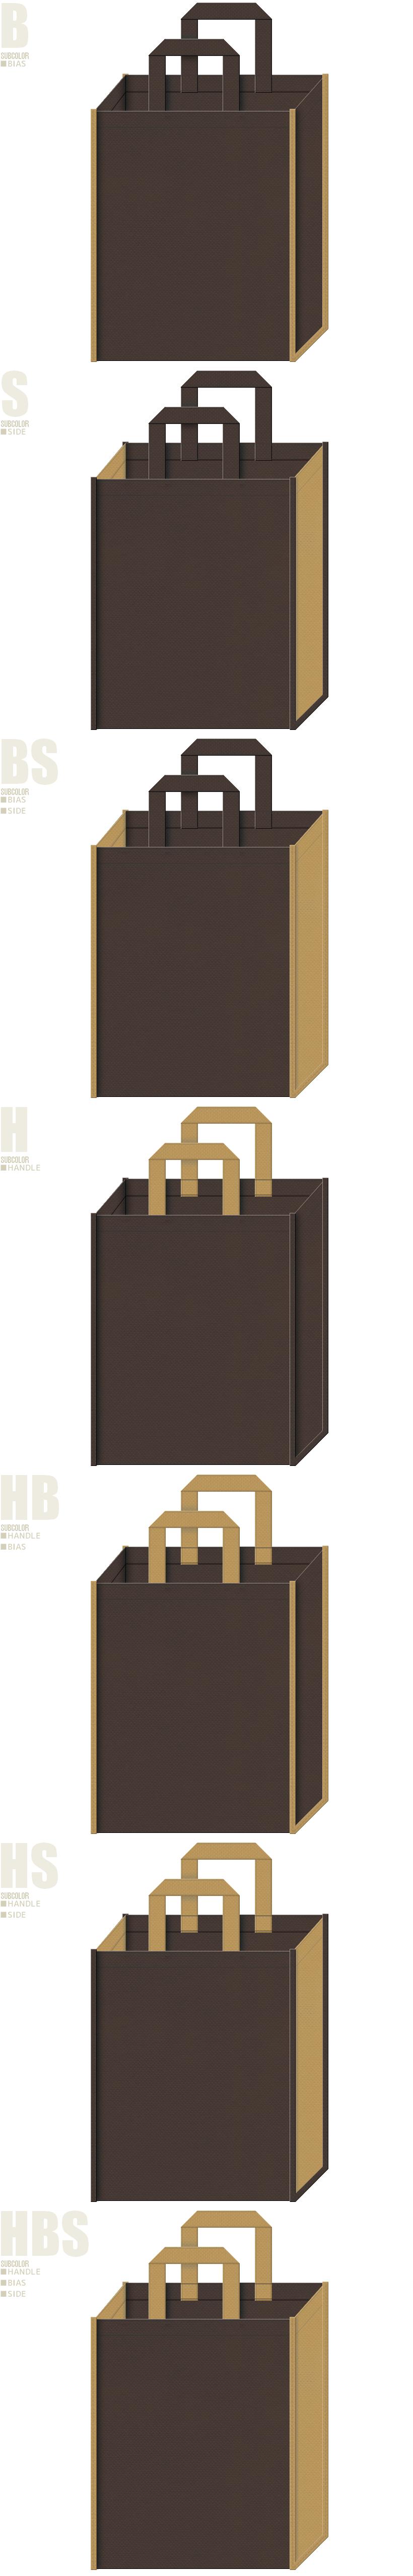 珈琲・山小屋・石釜パン・古城のイメージにお奨めの不織布バッグデザイン:こげ茶色と金黄土色の不織布バッグ配色7パターン。